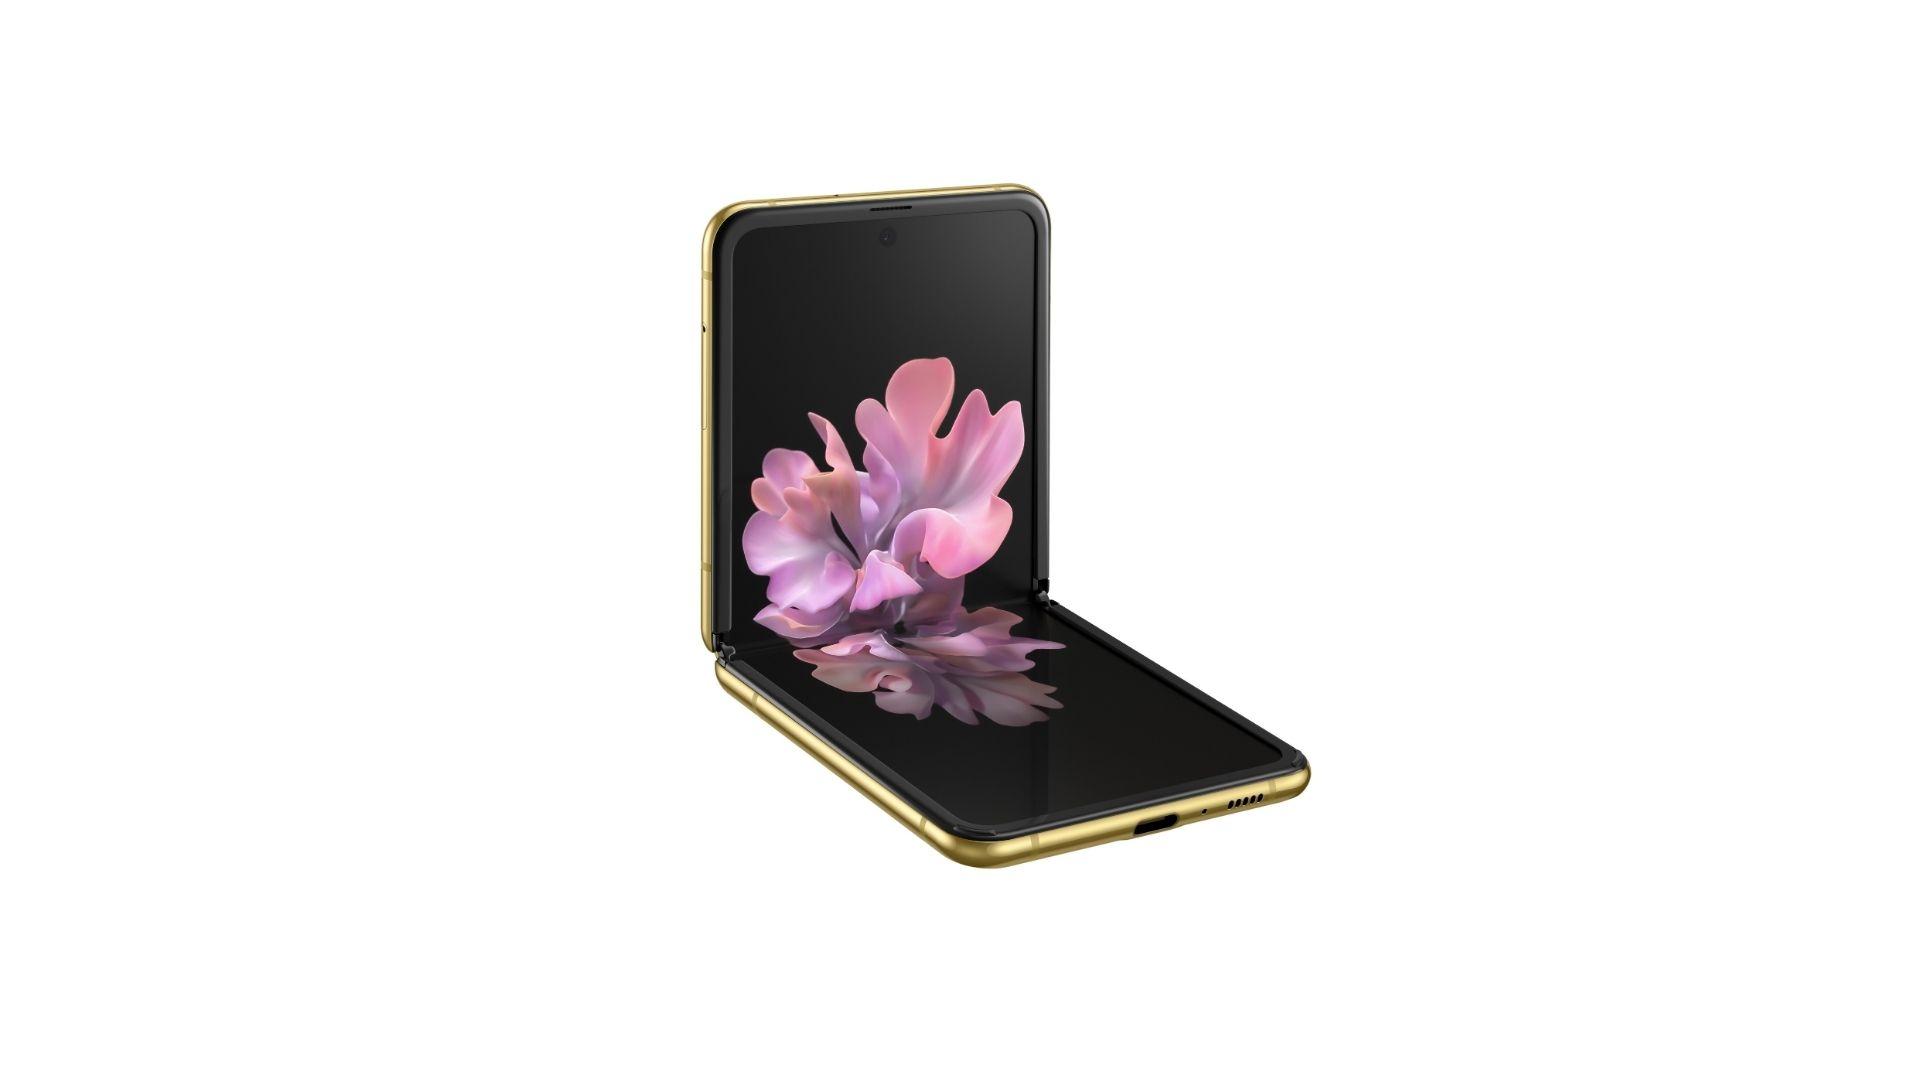 Canggih Dan Stylish, Ini Tampilan Samsung Galaxy Z Flip